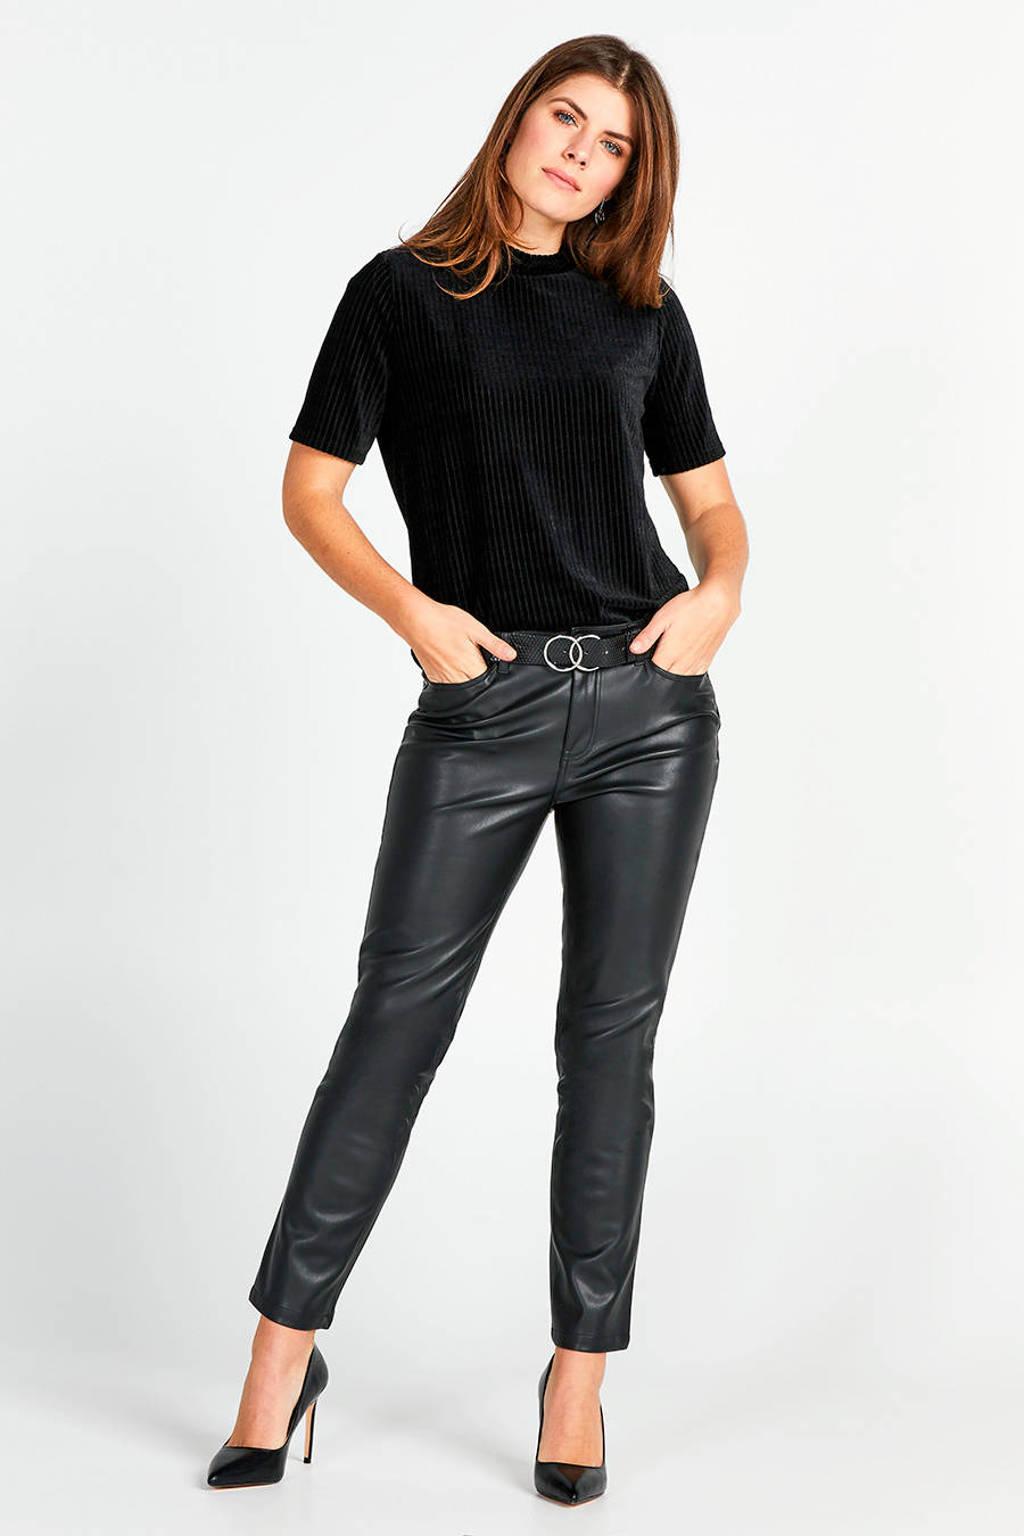 Miss Etam Regulier ribgebreide fluwelen top zwart, Zwart